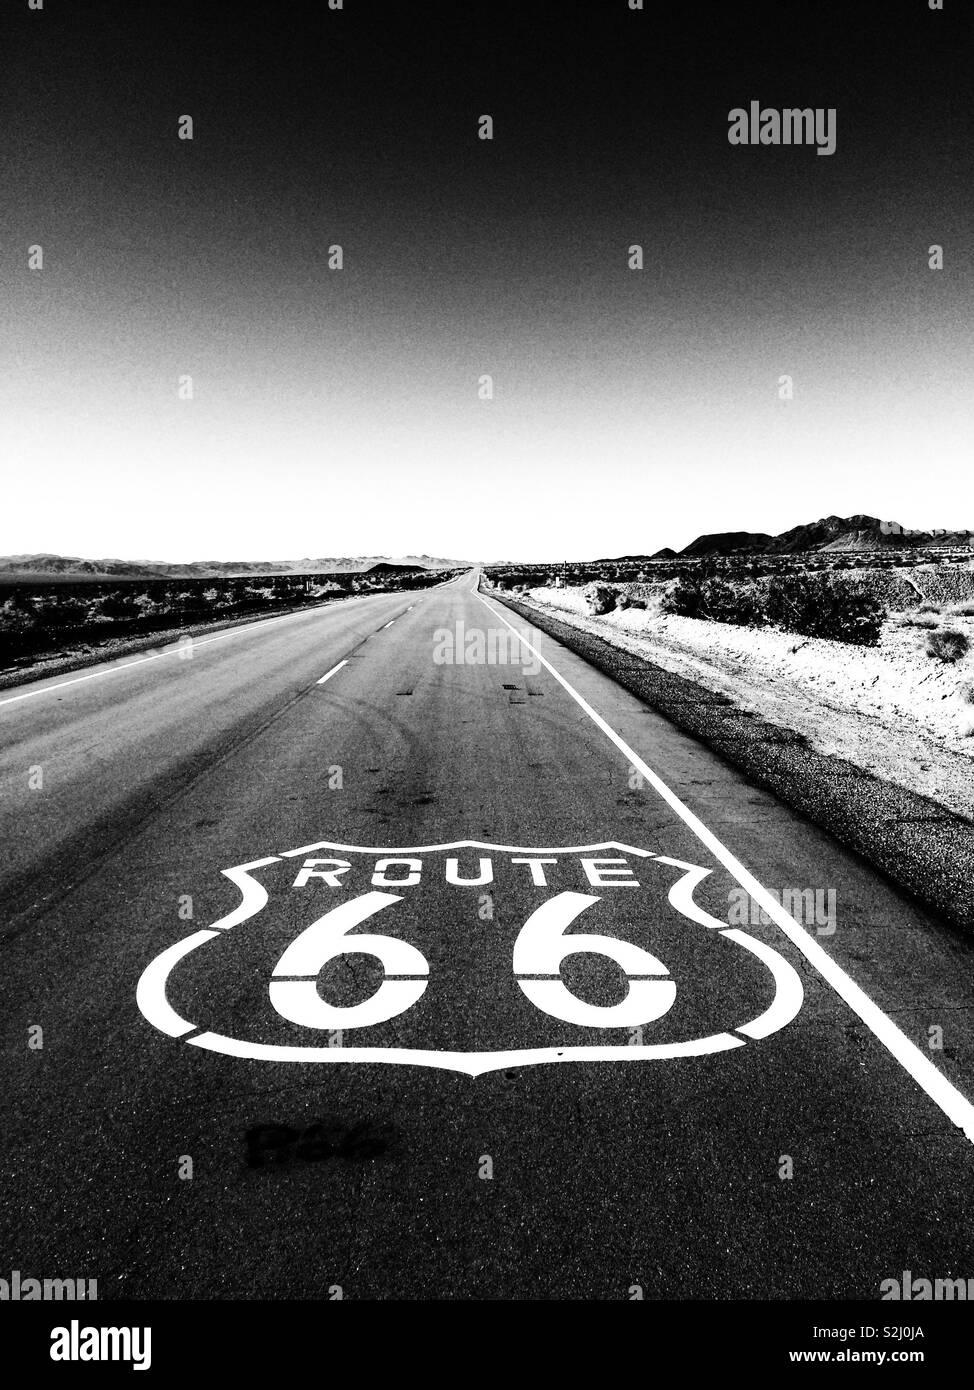 66 Carretera firmar en el desierto de Mojave. Editar en blanco y negro. Imagen De Stock